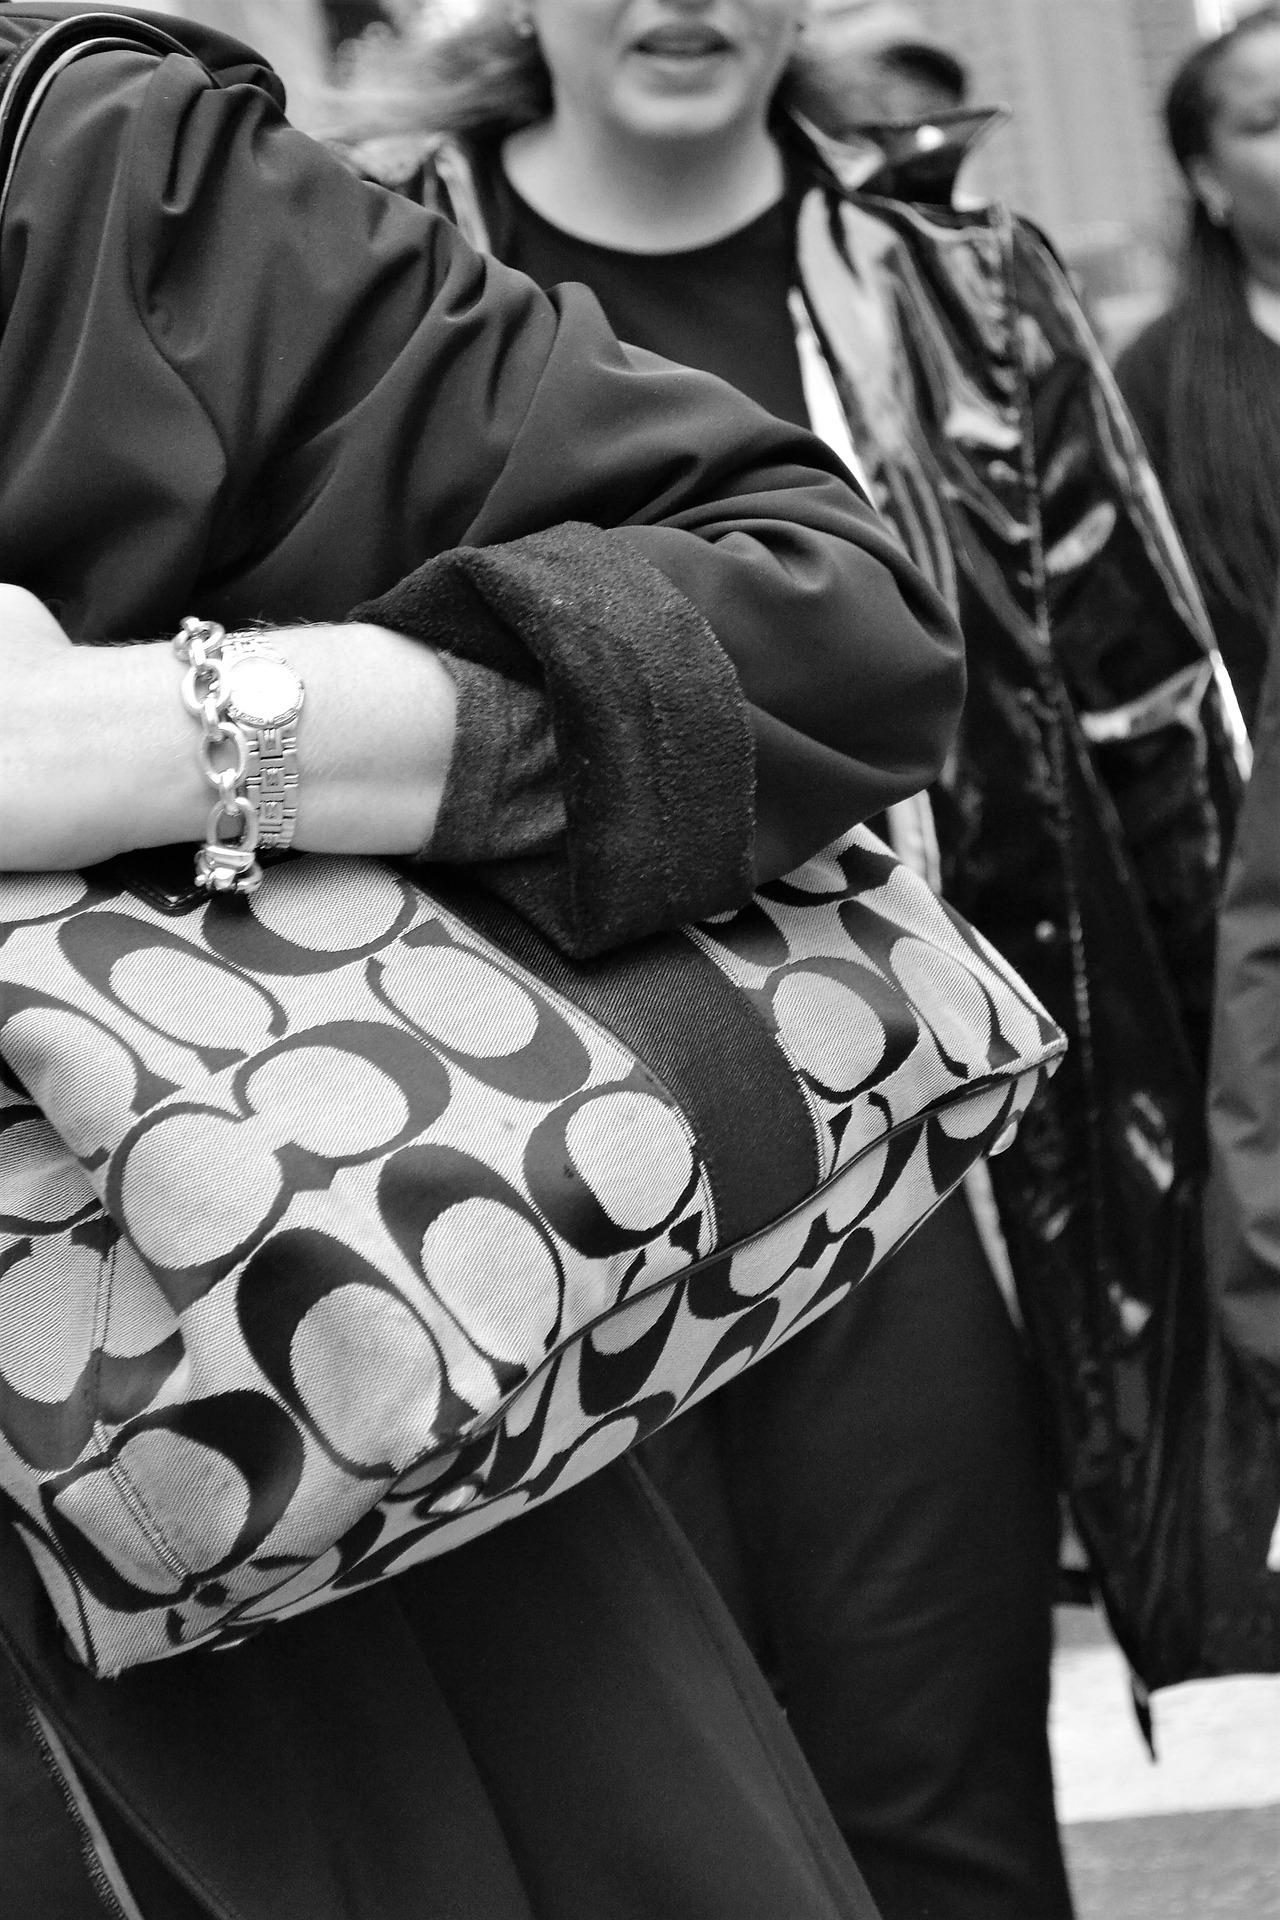 【30代女性に人気】フォーマルレディーストートバッグ15選!通勤バッグに!